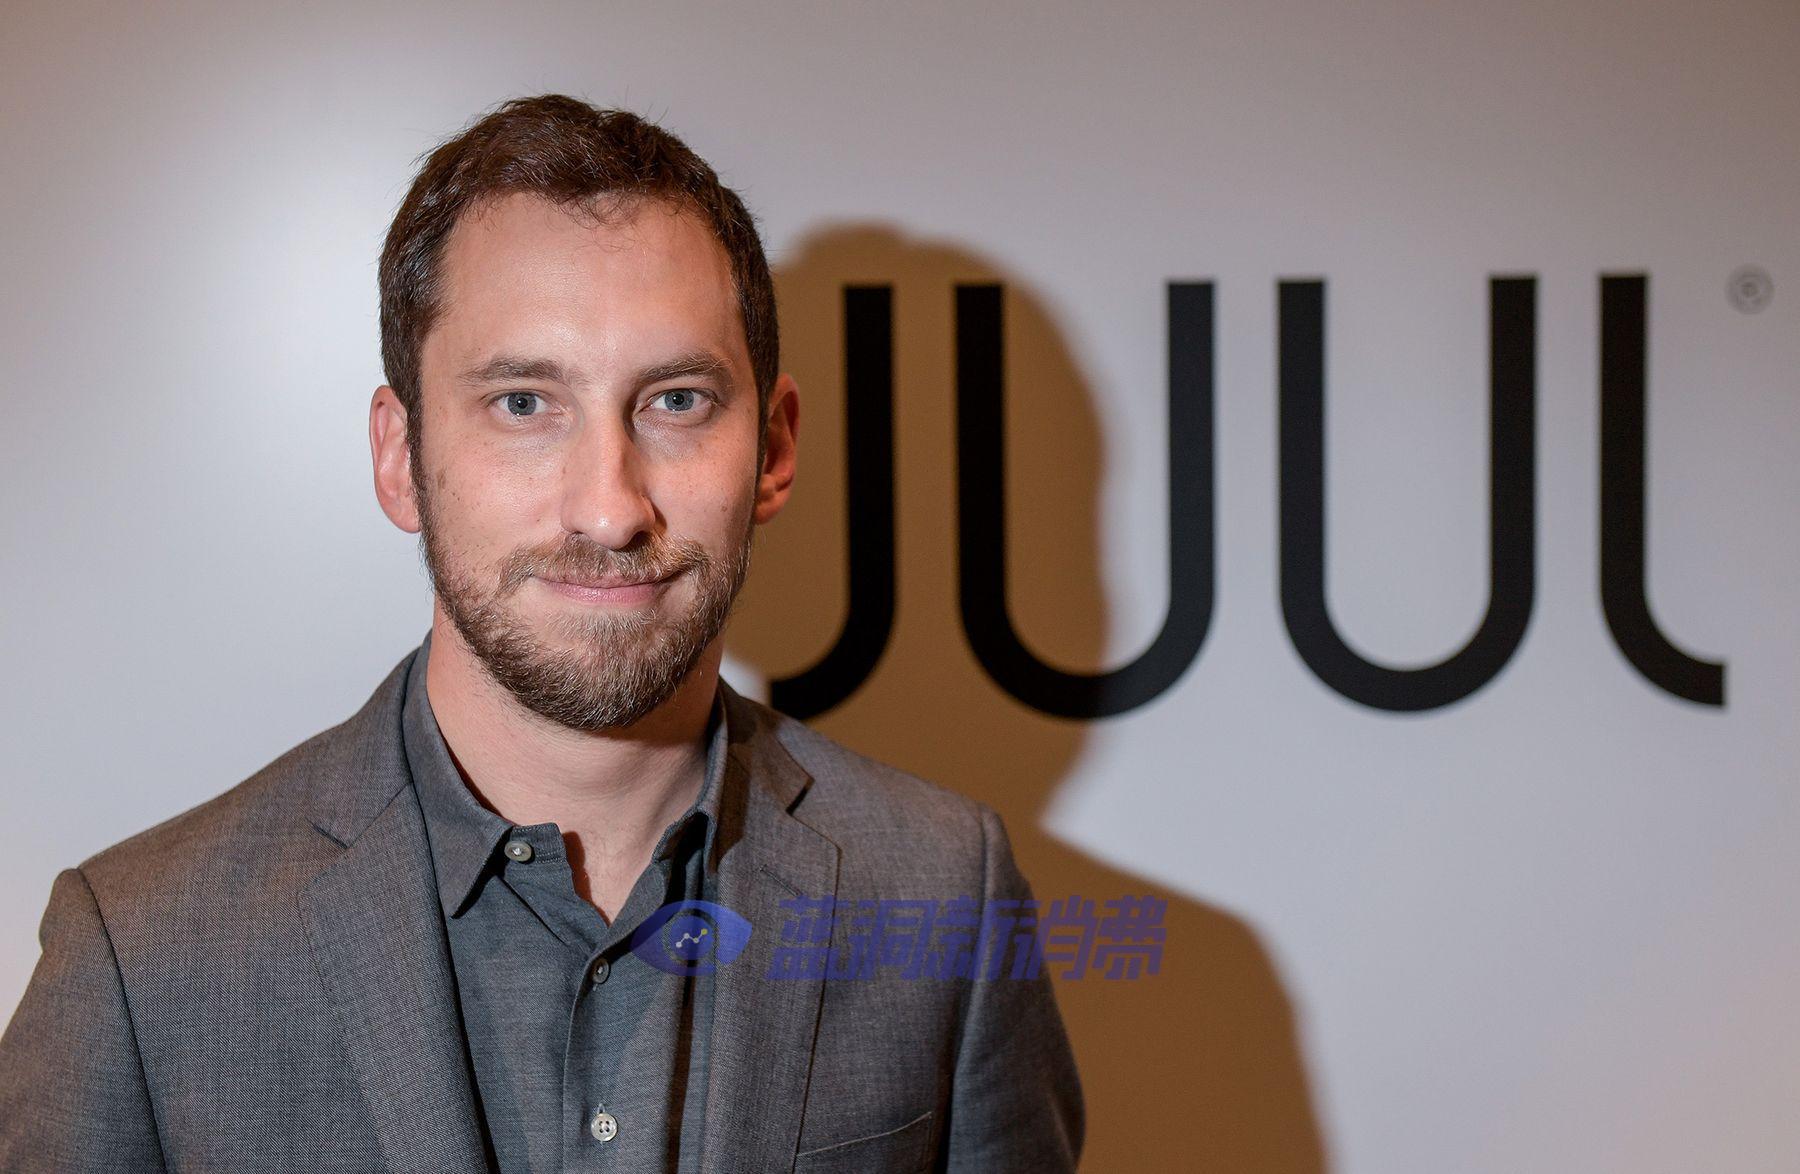 Juul联合创始人蒙西斯将离职,卸任董事会成员与顾问职务